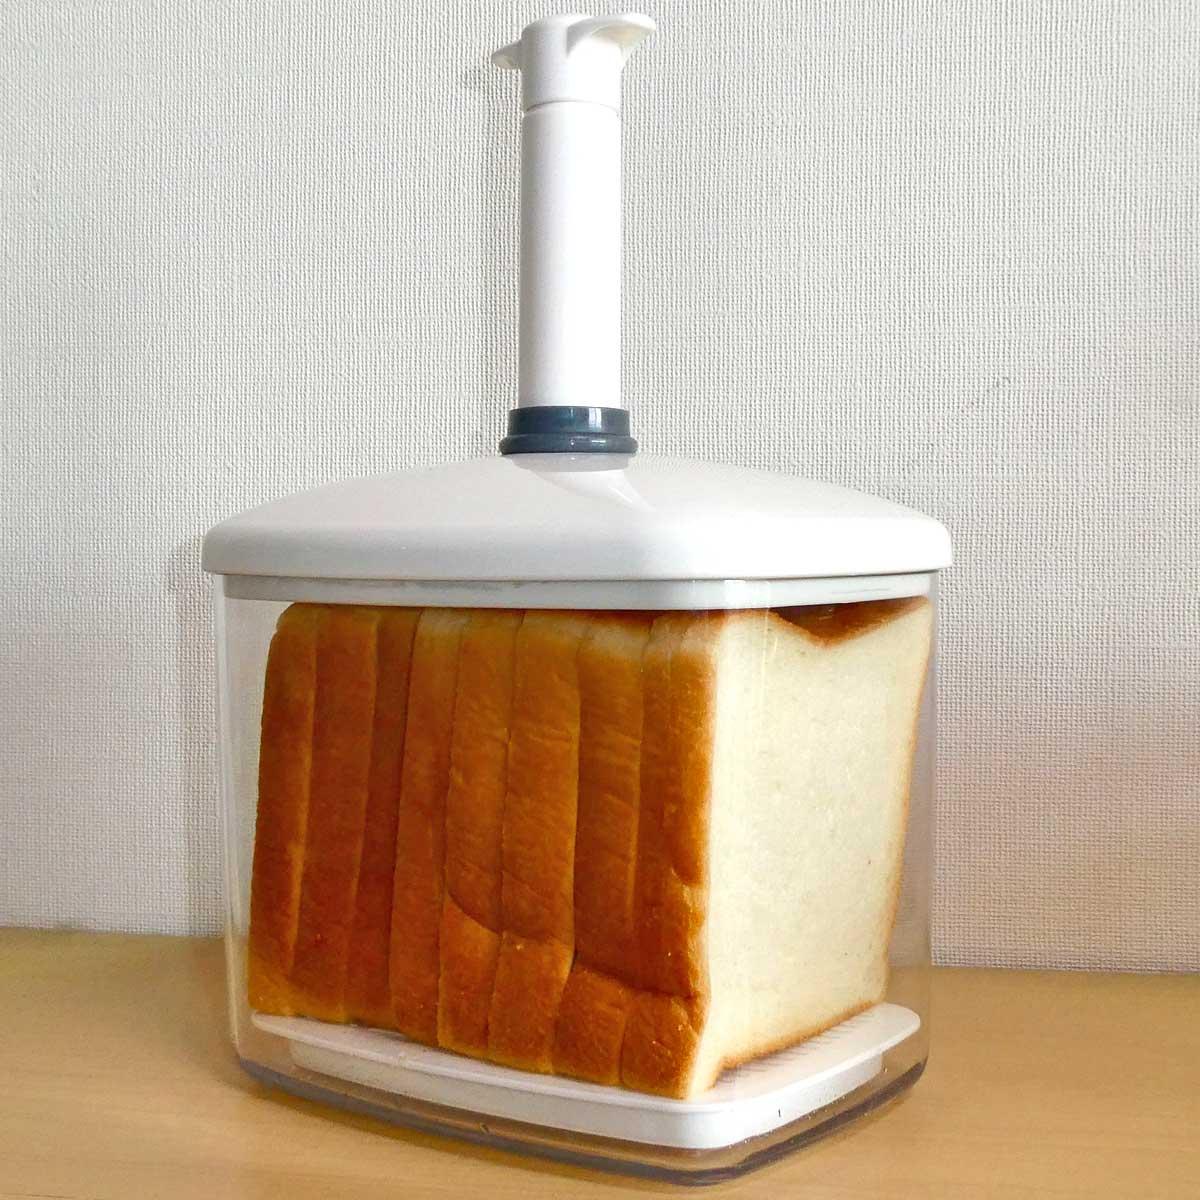 食パンがずっとおいしい♪ 「真空パンケース」で驚くほど食材長持ち!